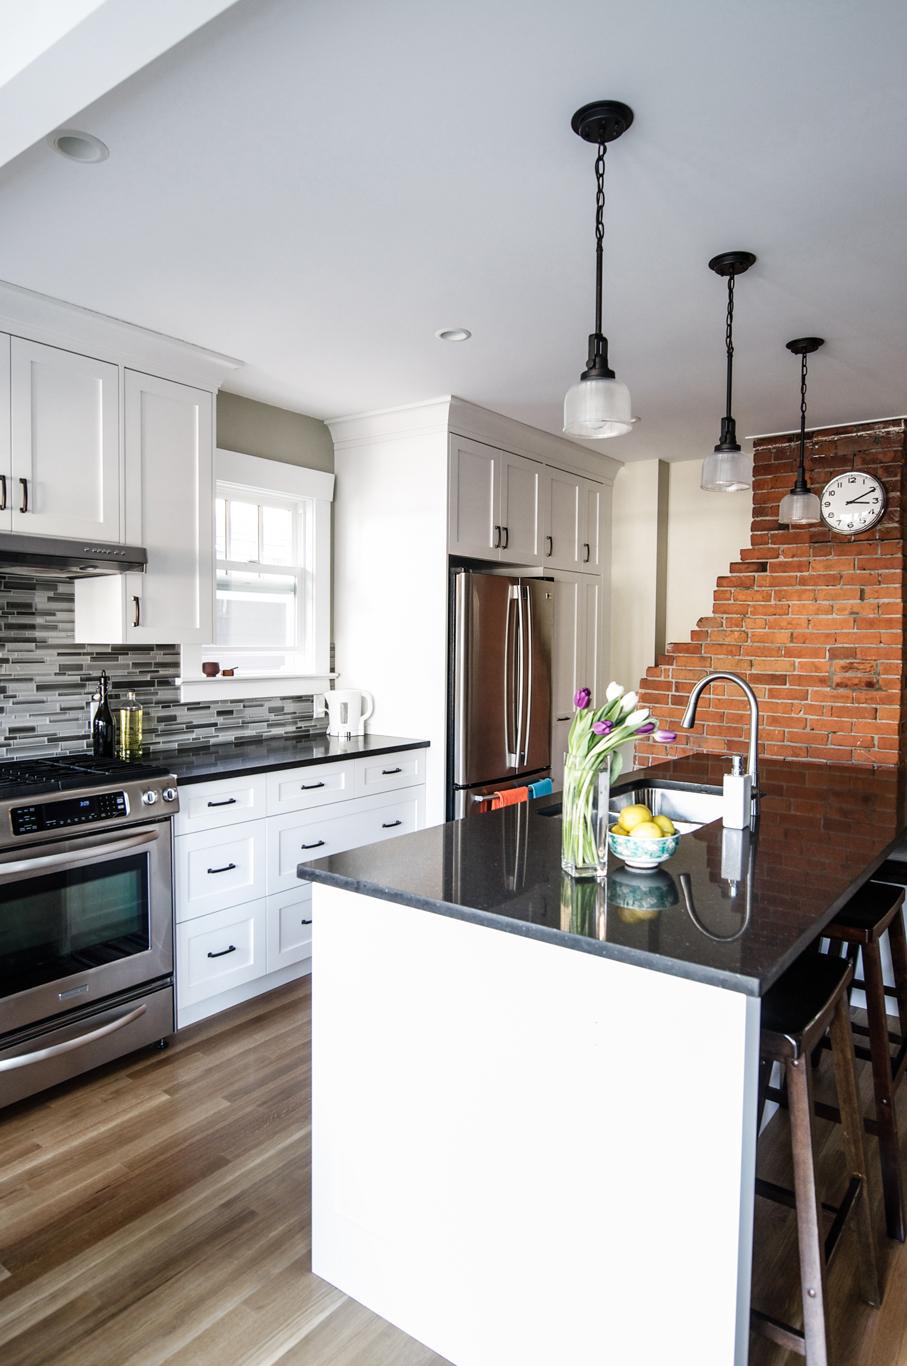 wilson-kitchen-construction-1.jpg